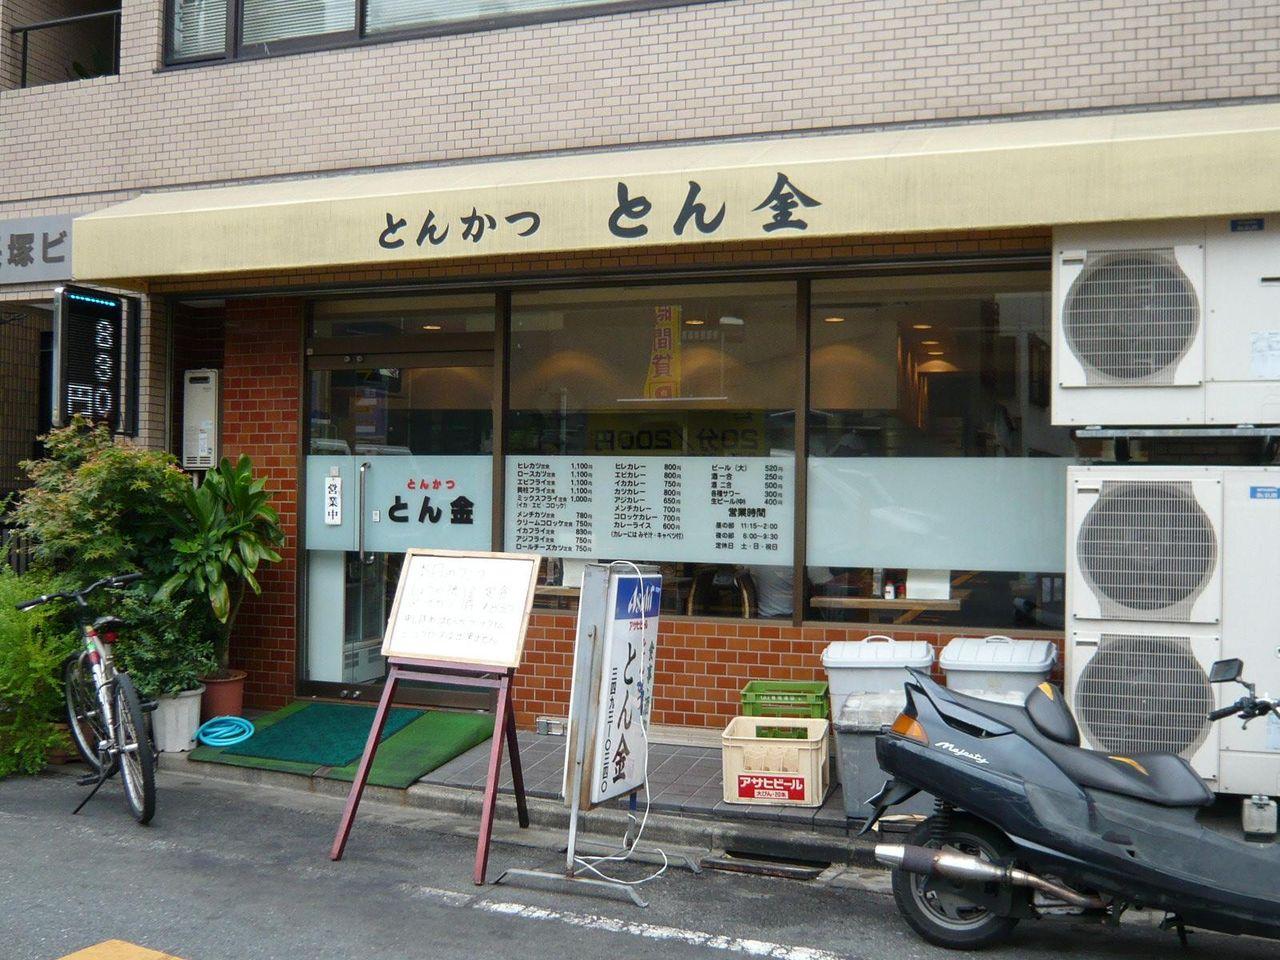 手頃な価格で、お腹一杯食べられるお店です!